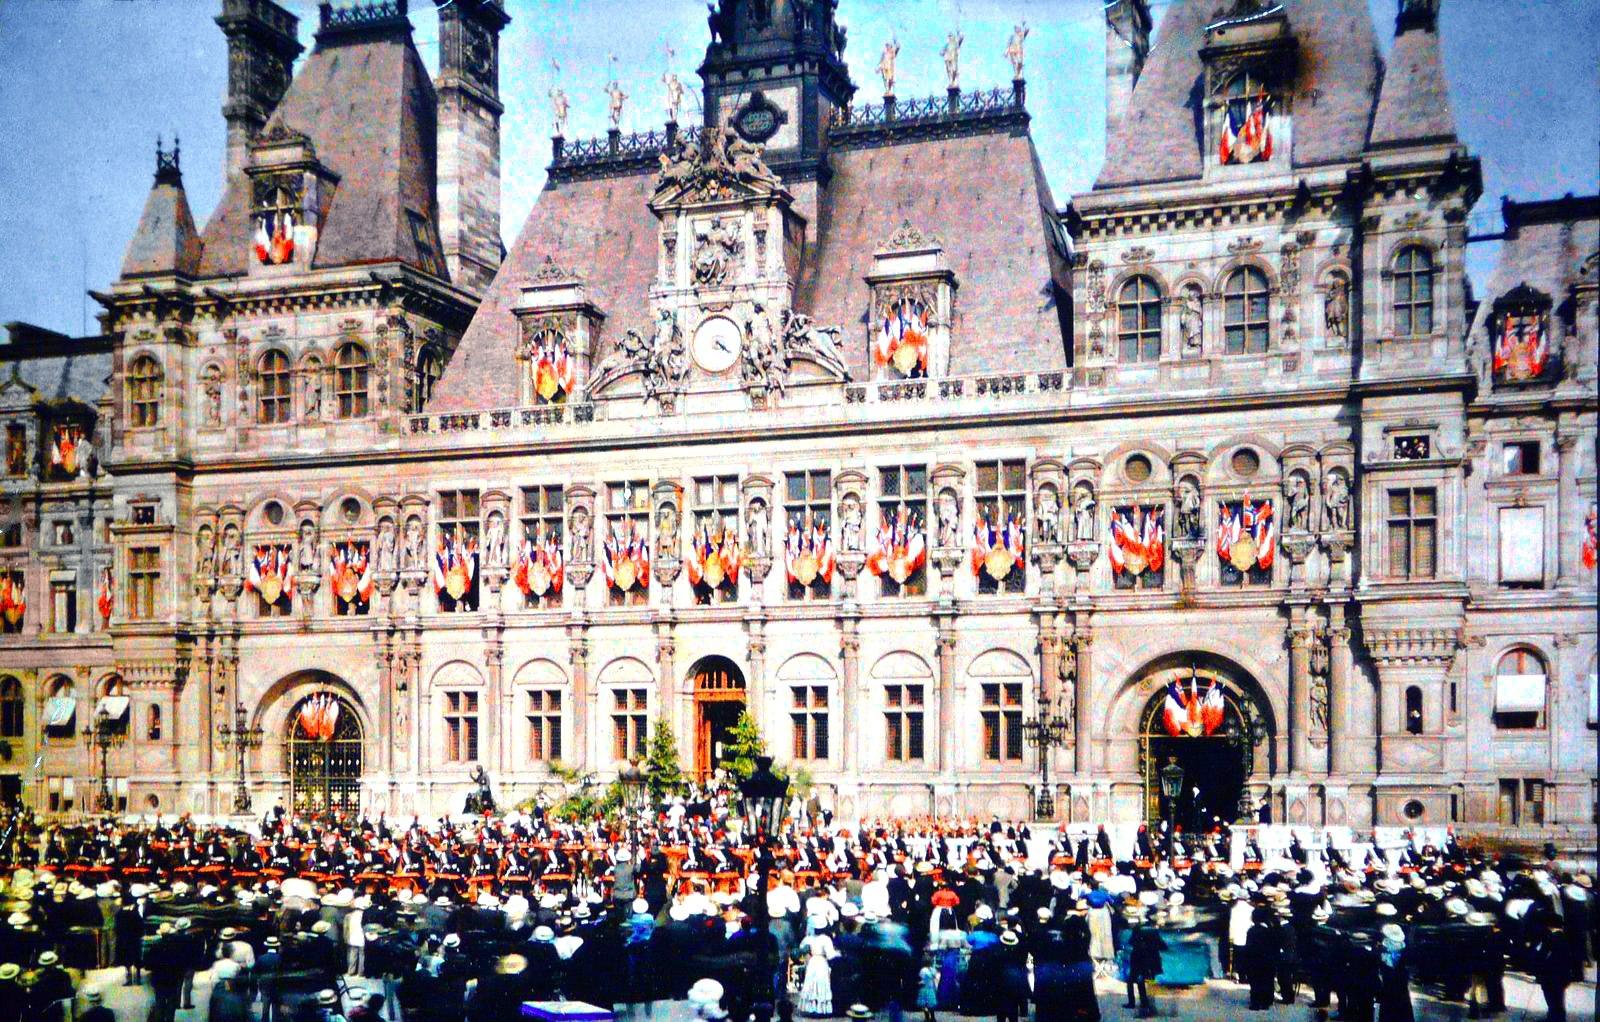 1918-Hotel-de-Ville. Fete de la Victoire Novembre 1918